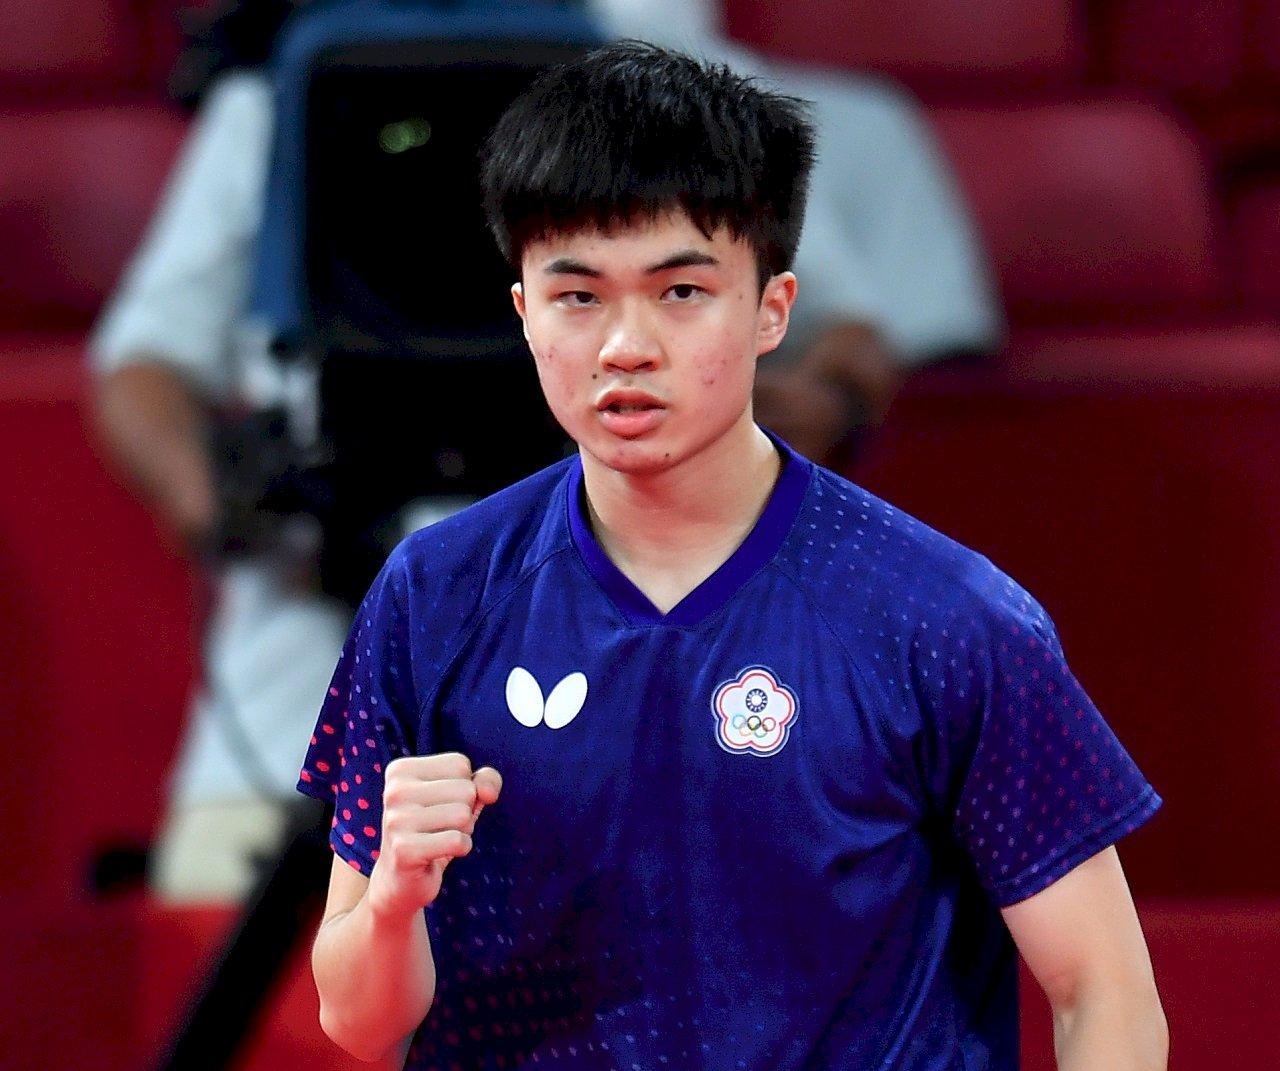 林昀儒如此厲害是靠中國訓練?體育署澄清:國中即納入國家培訓計畫